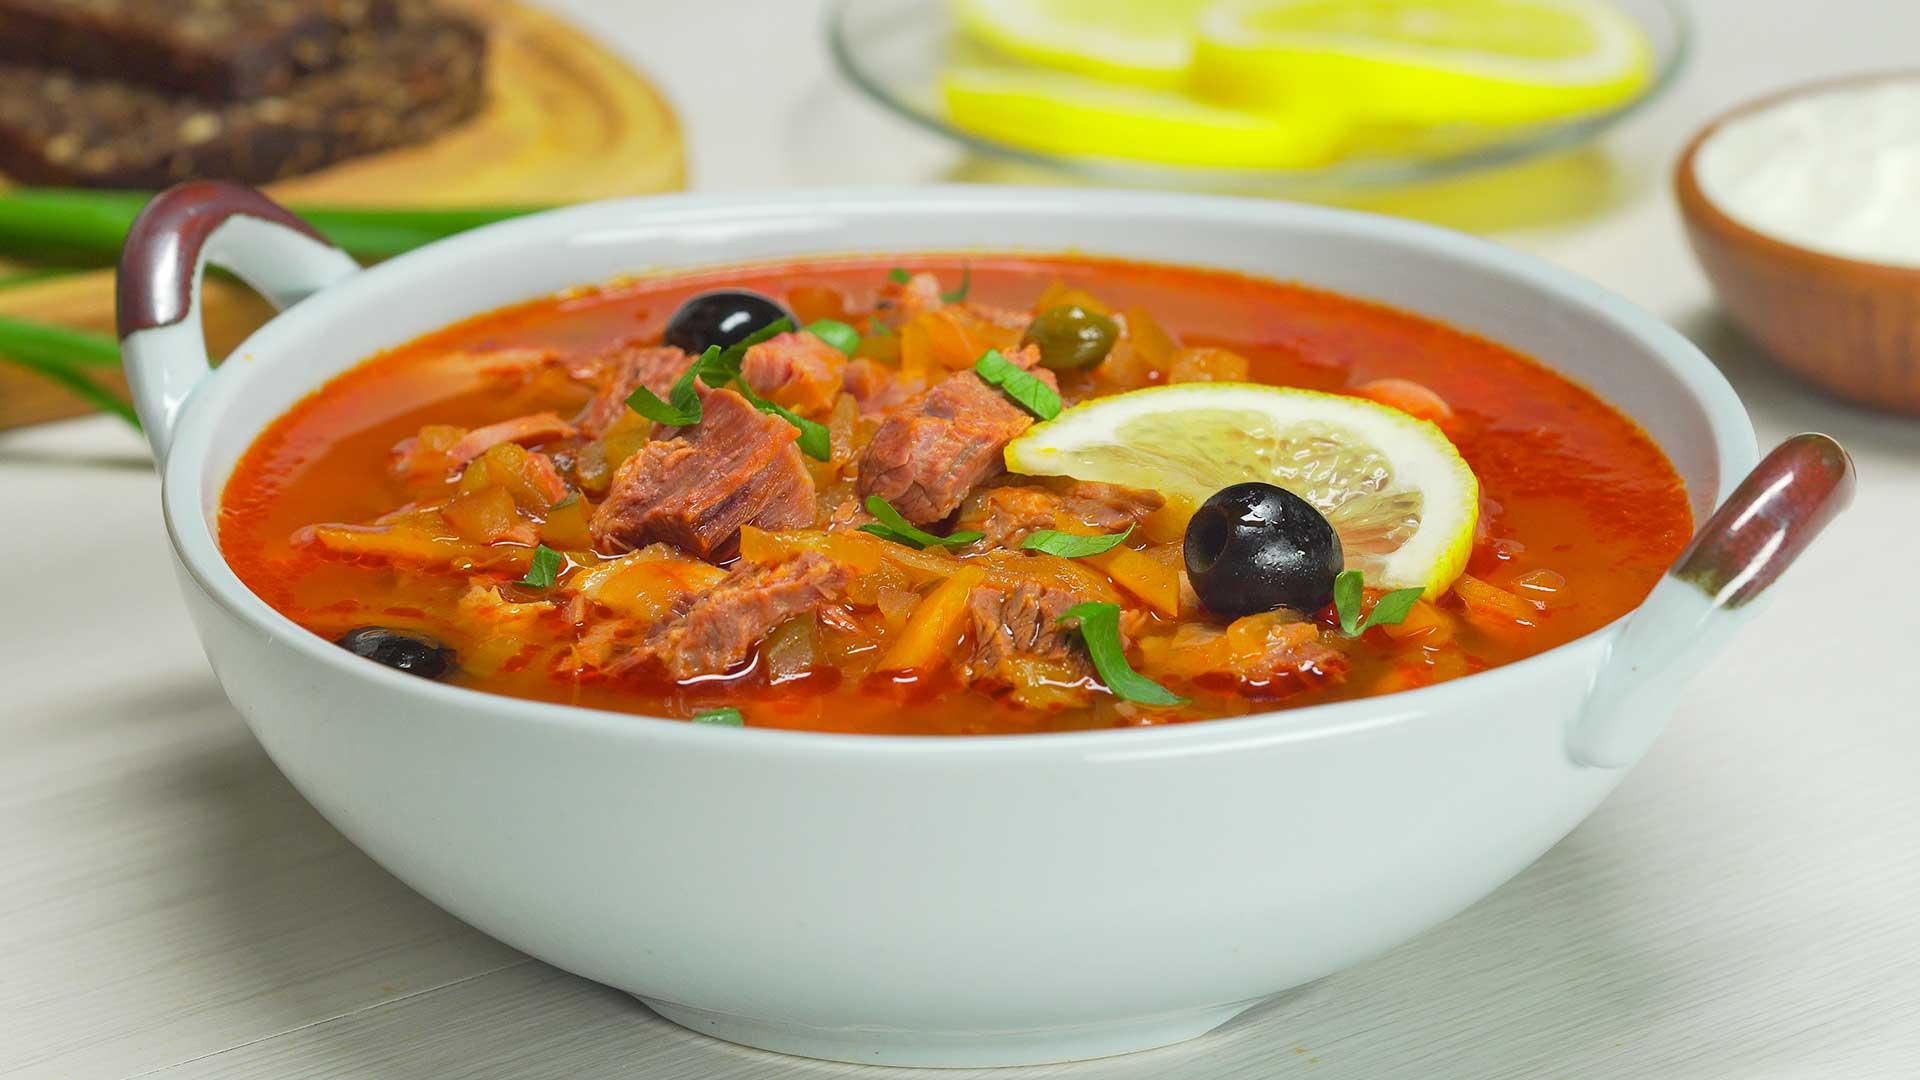 благоприятных суп солянка мясная рецепт приготовления с фото лесной